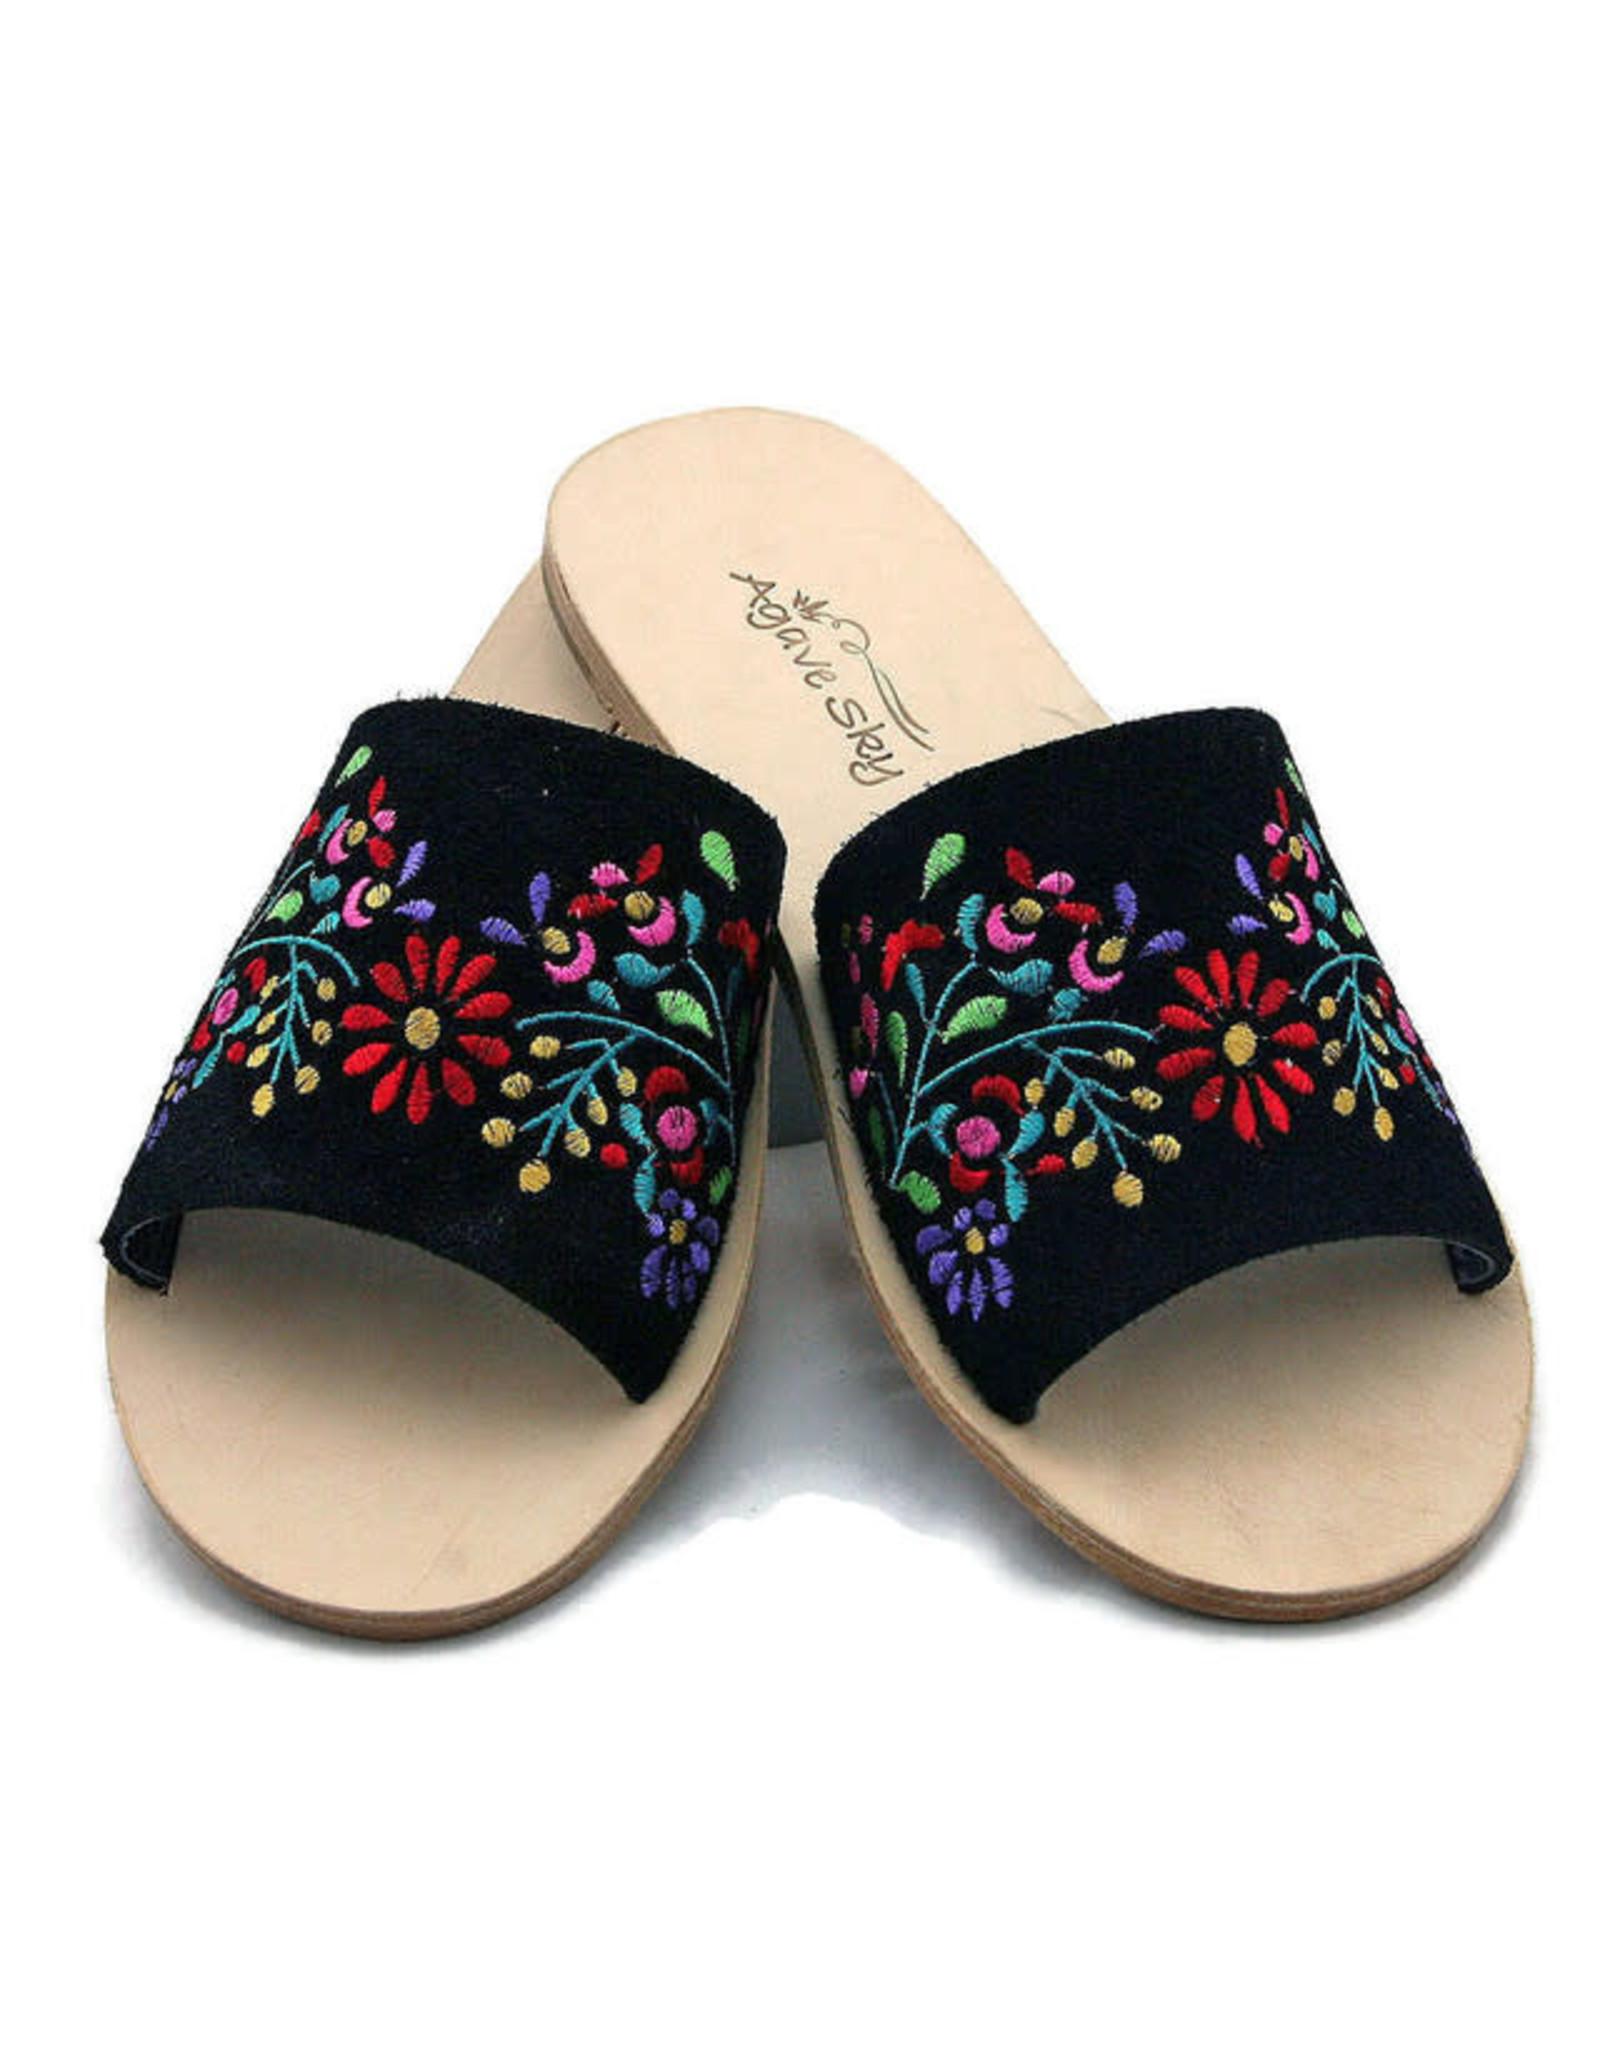 Agave Sky Nadia Embroidered Floral Slide